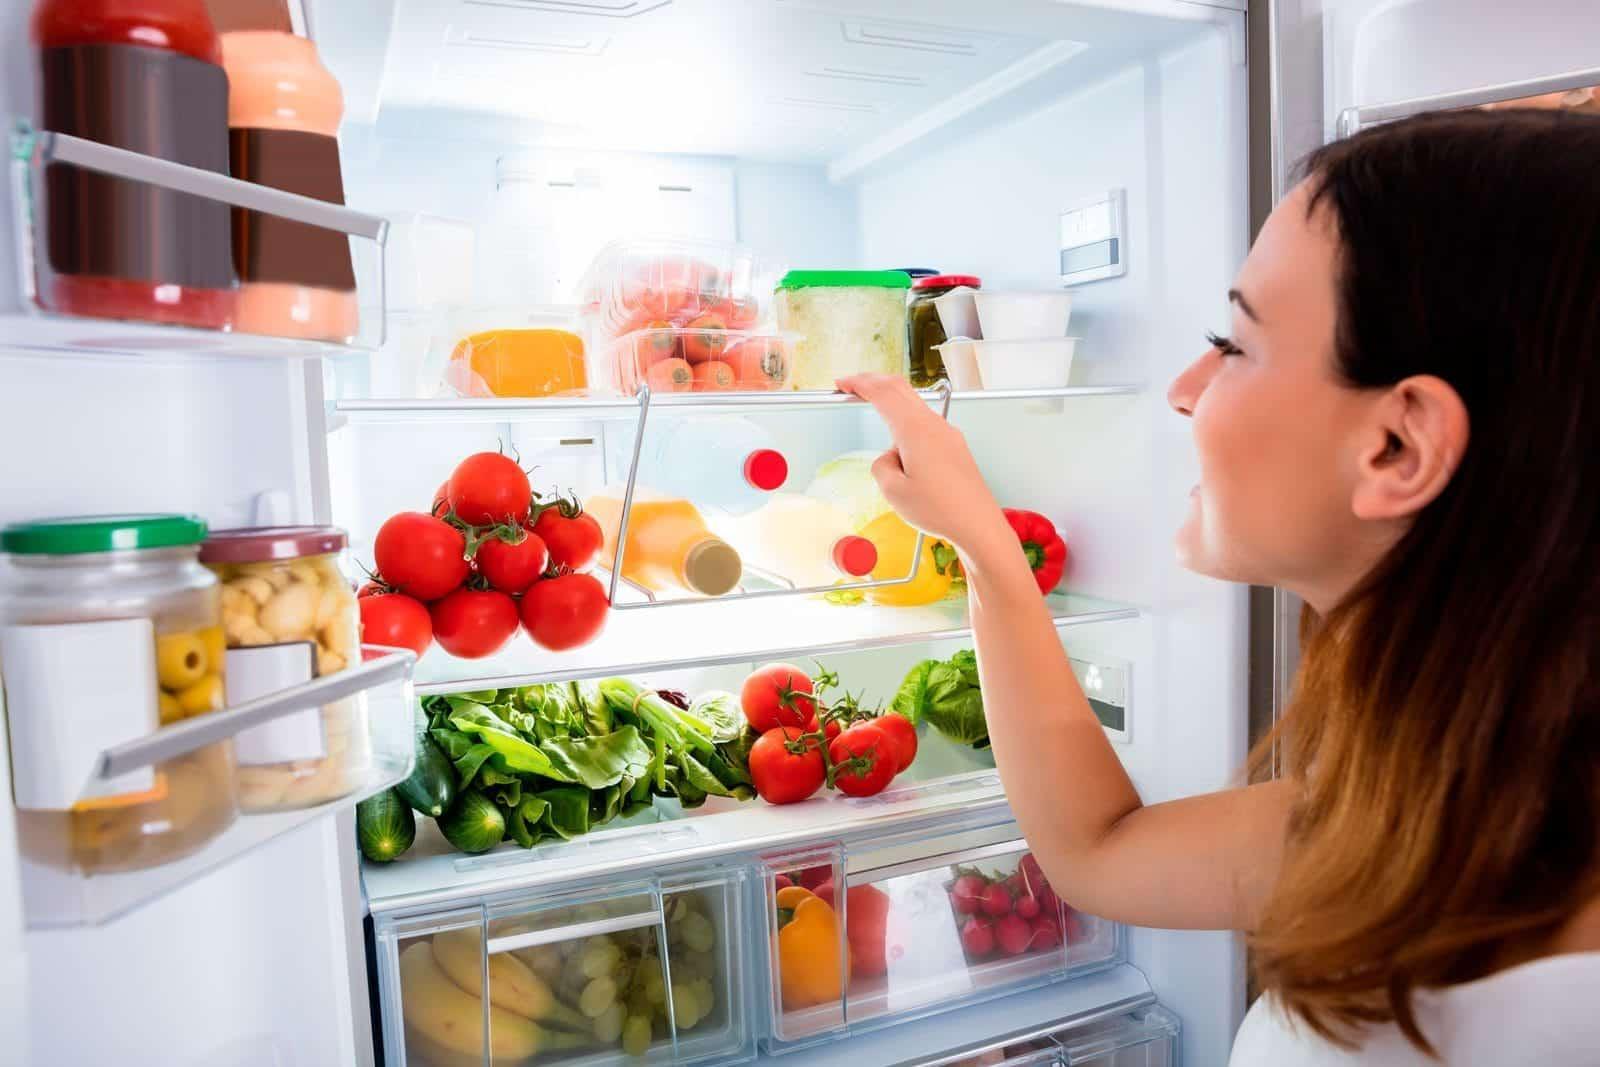 Todo cabe en un refrigerador sabiéndolo acomodar